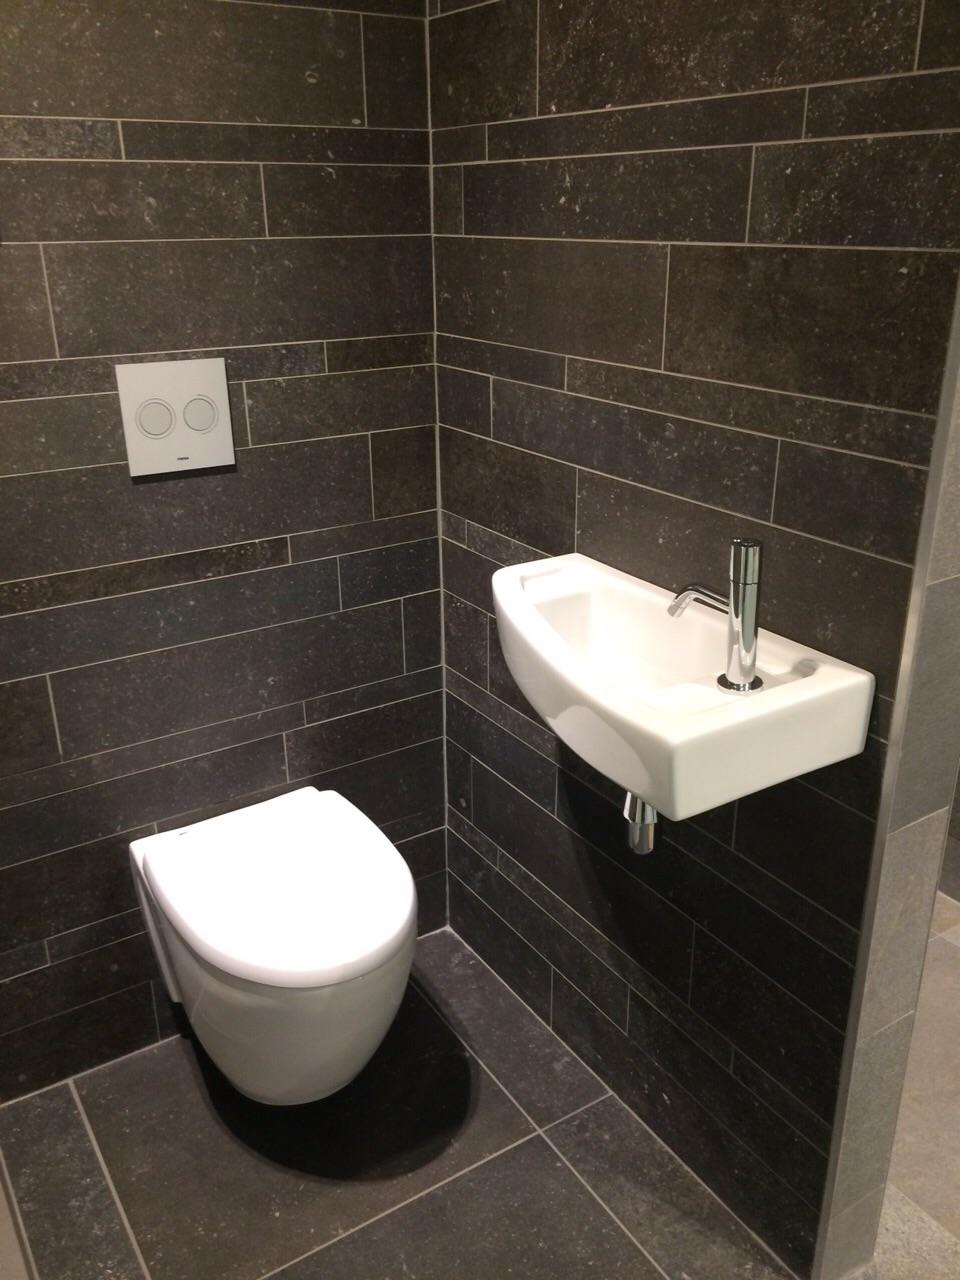 Wandtegels de tegelschuur for Deco tegel wc